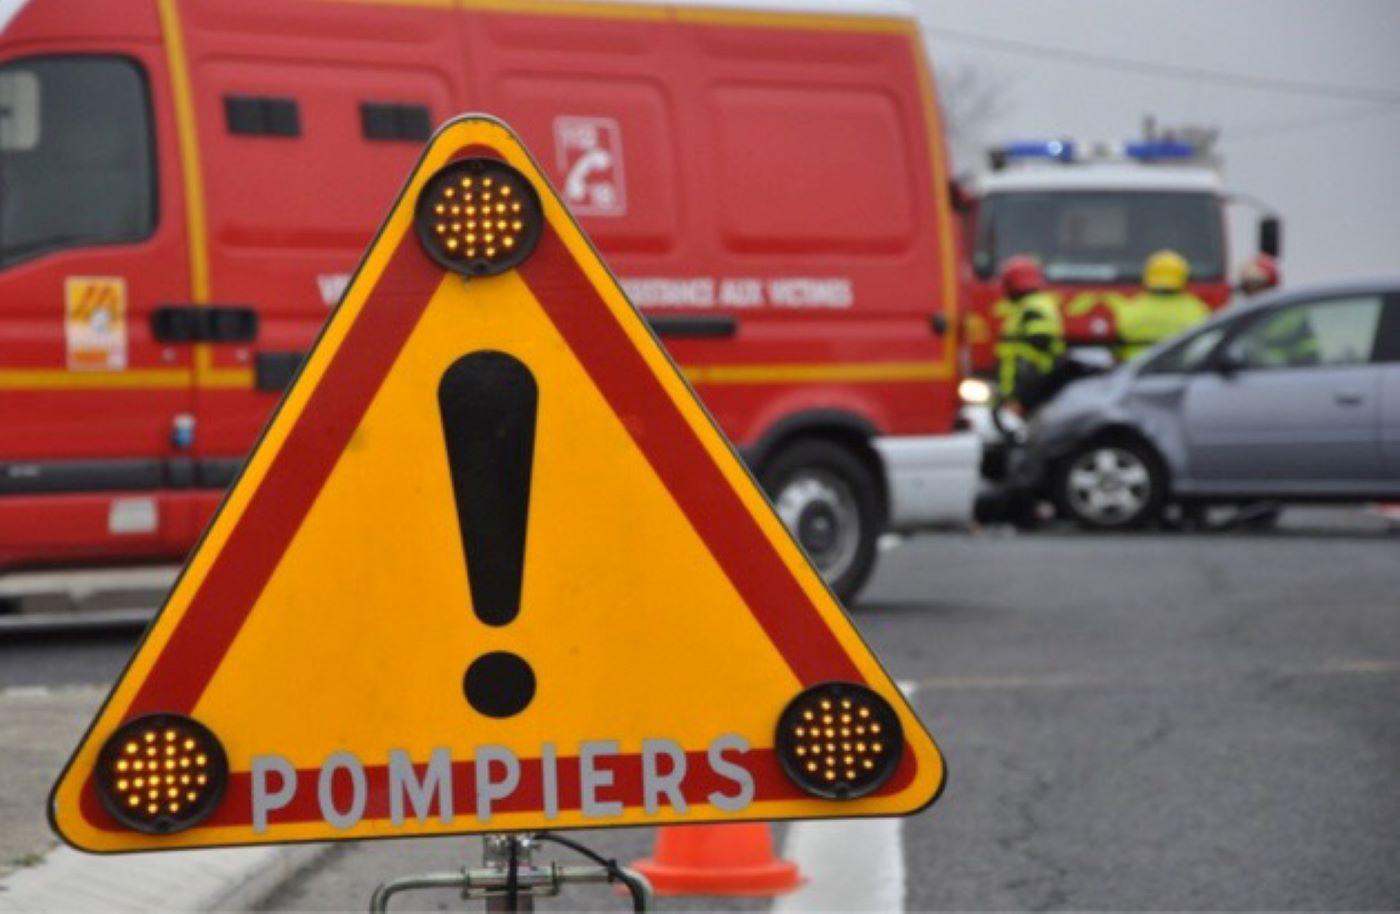 L'enquête de gendarmerie devra établir les circonstances de l'accident  - Illustration